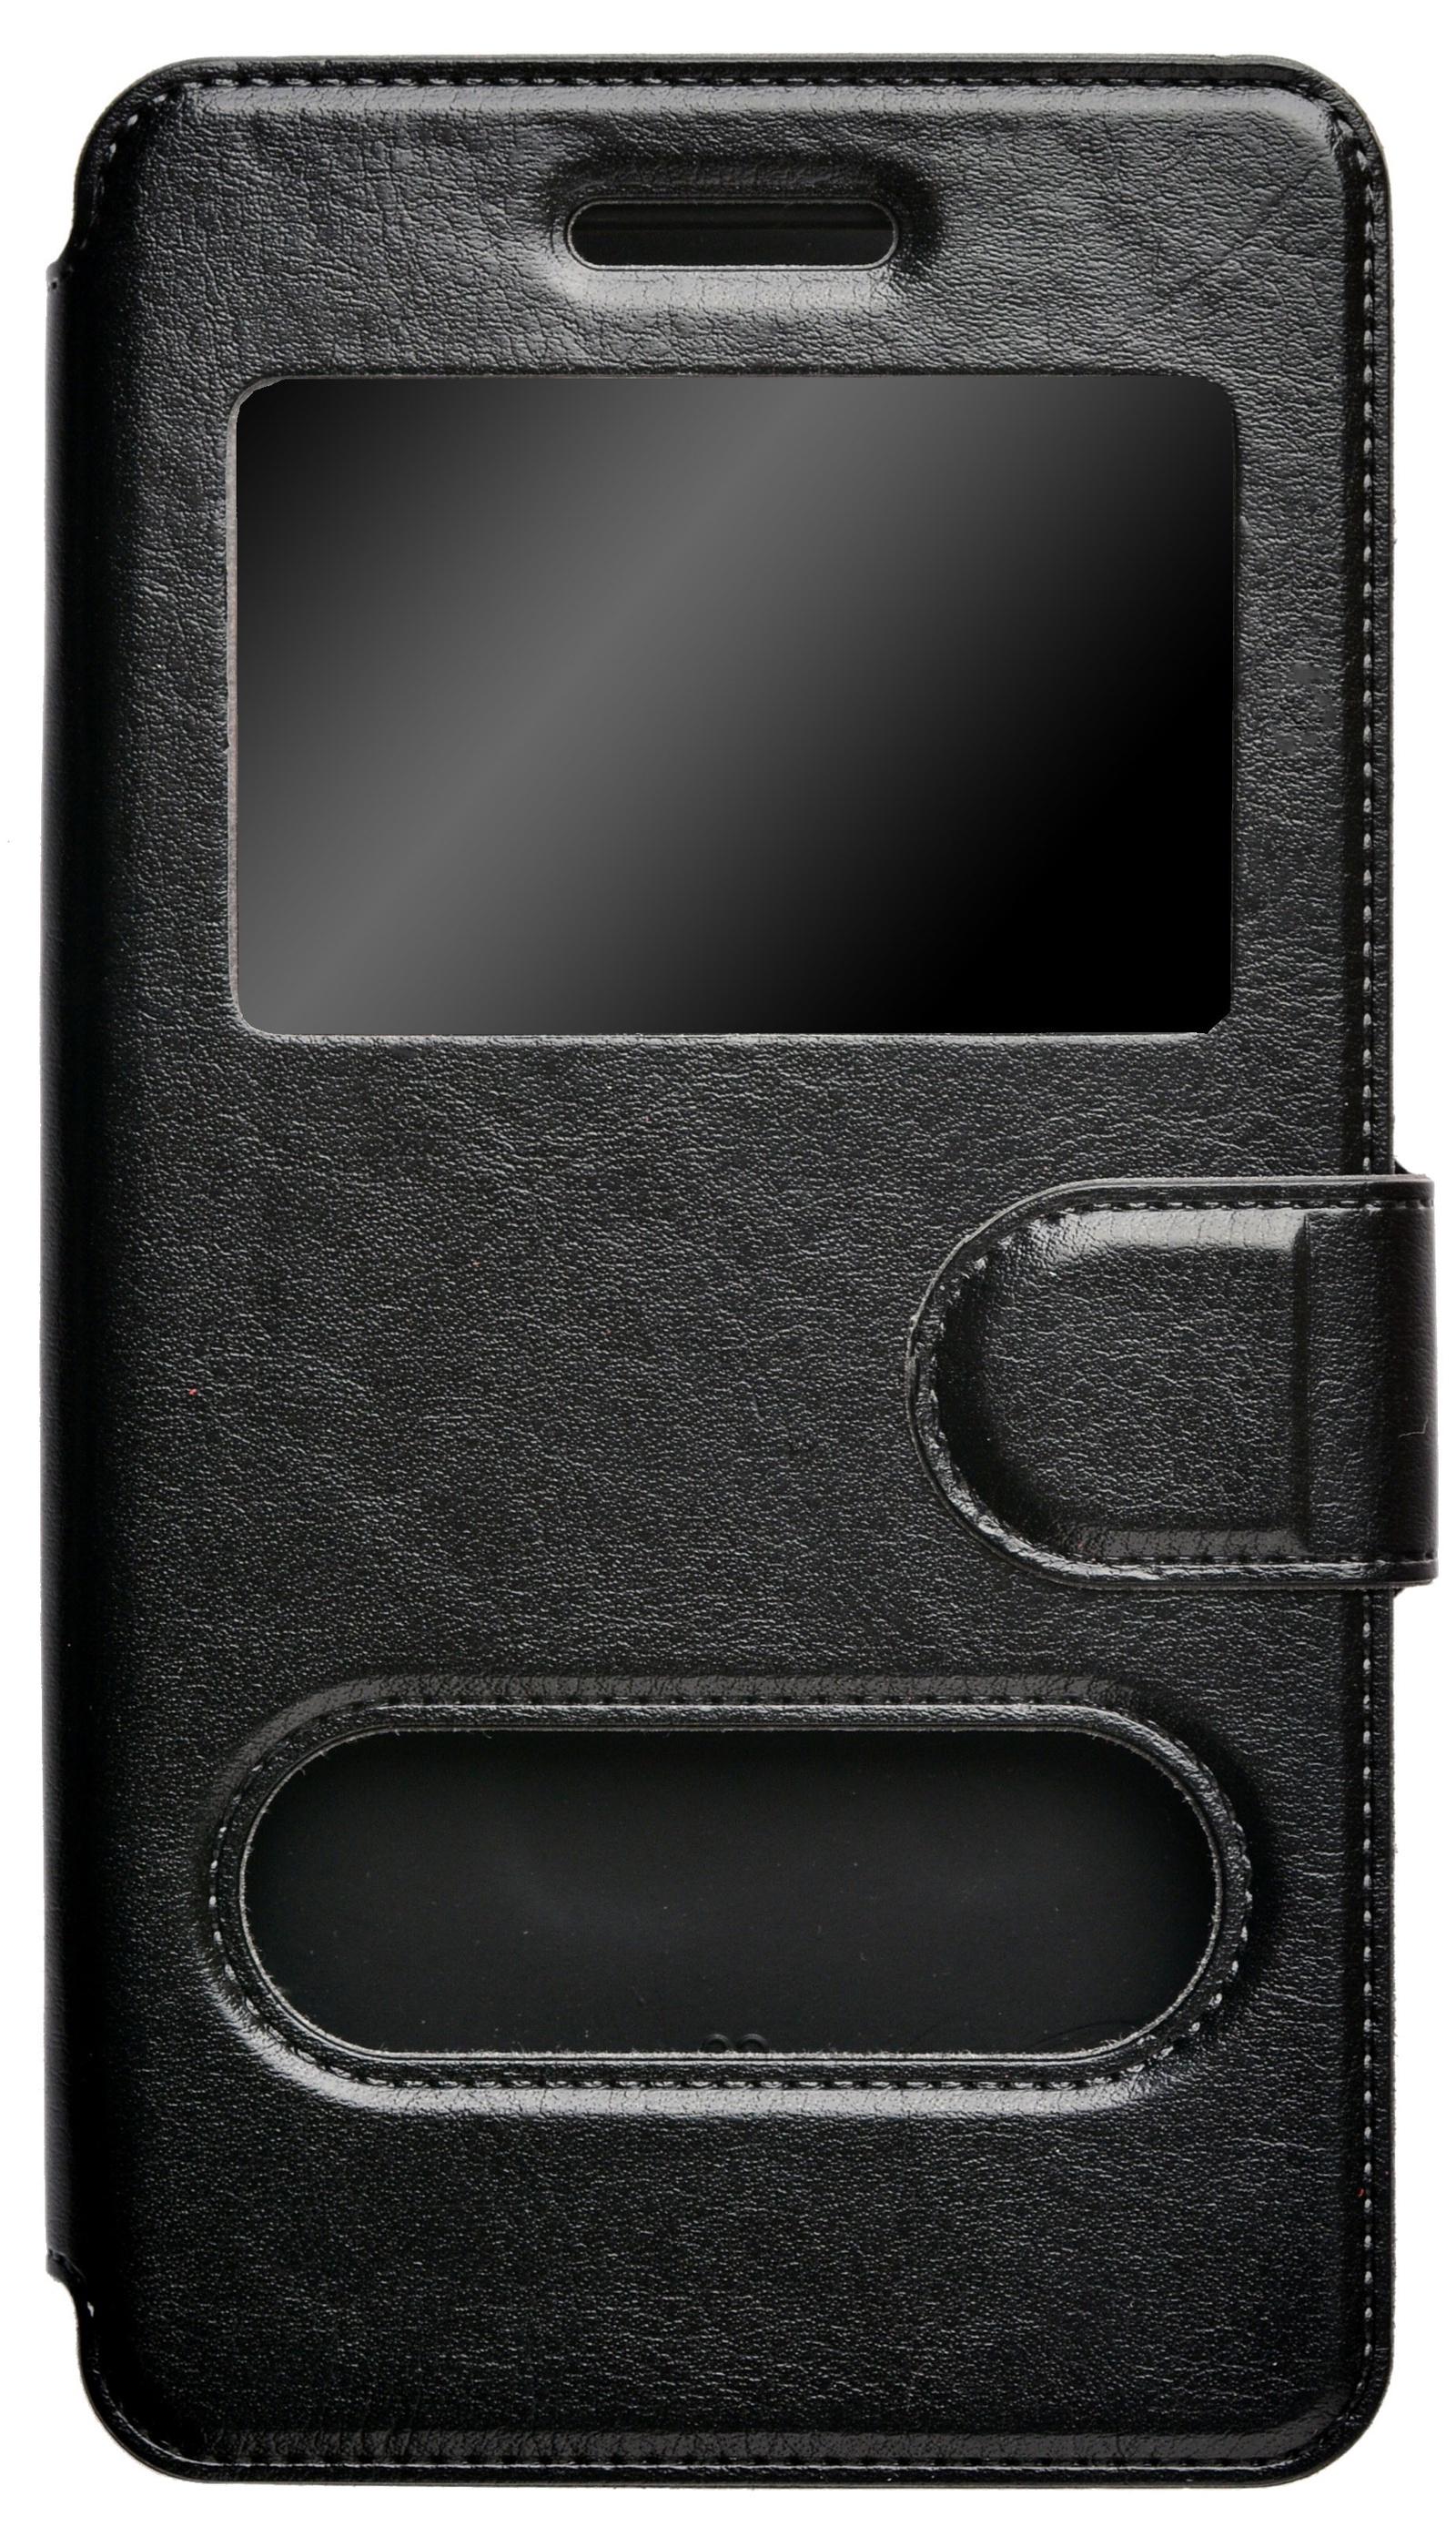 цена на Чехол для сотового телефона skinBOX Silicone Sticker 5, 4660041408010, черный